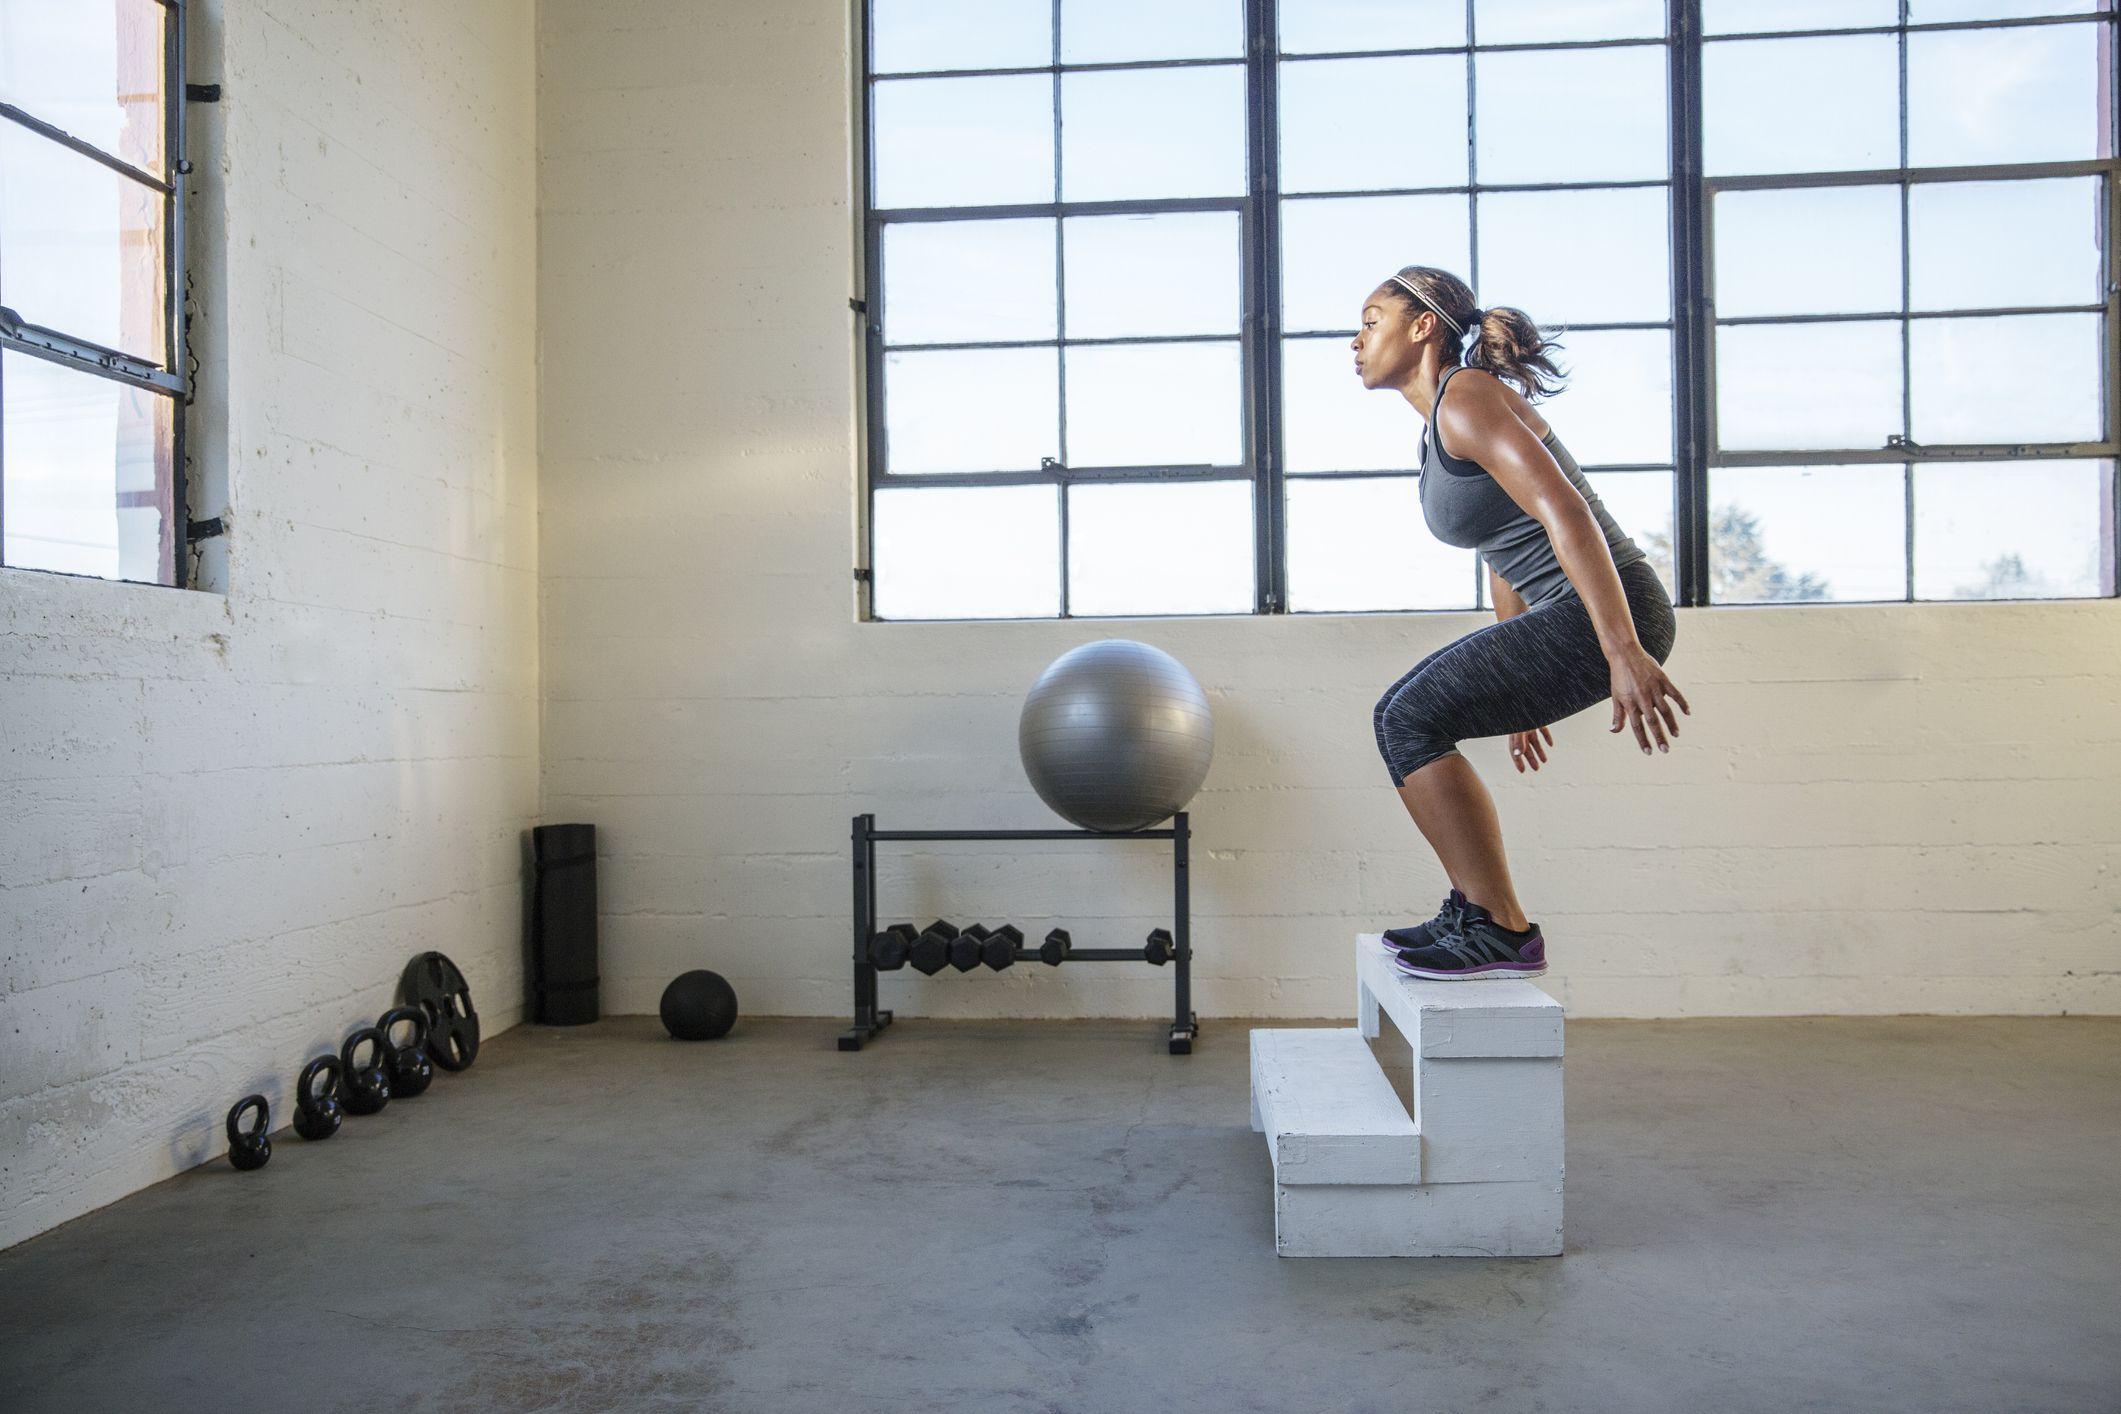 naissportlane jõusaalis puidust istmele hüppamas